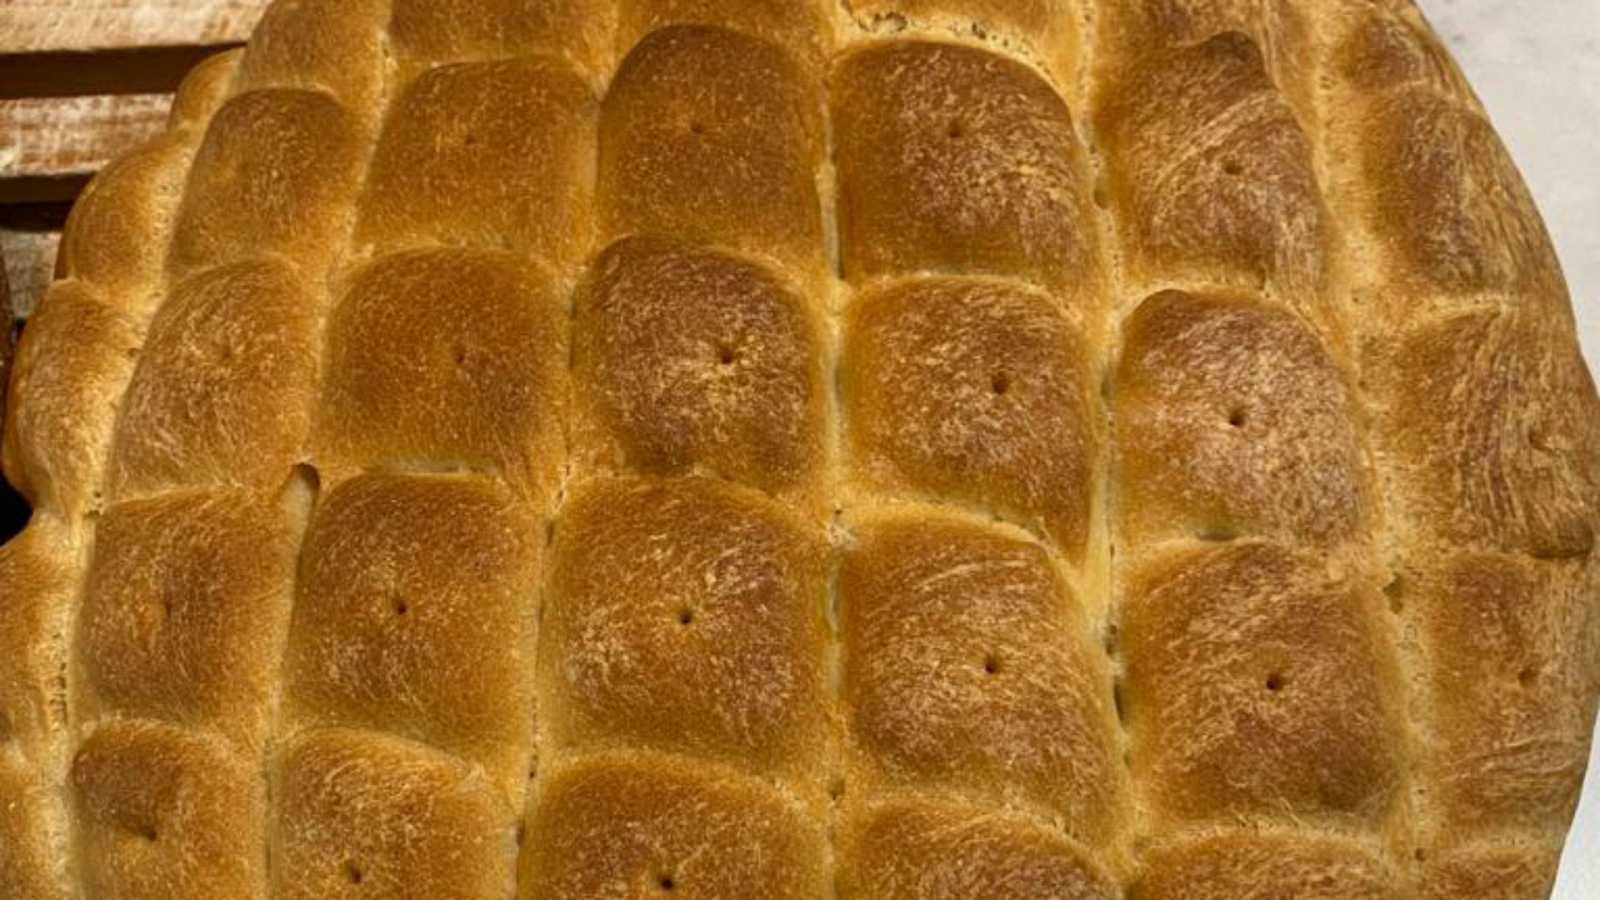 Un laboratorio en mi cocina - El arte de hacer pan - 24/11/20 - Escuchar ahora